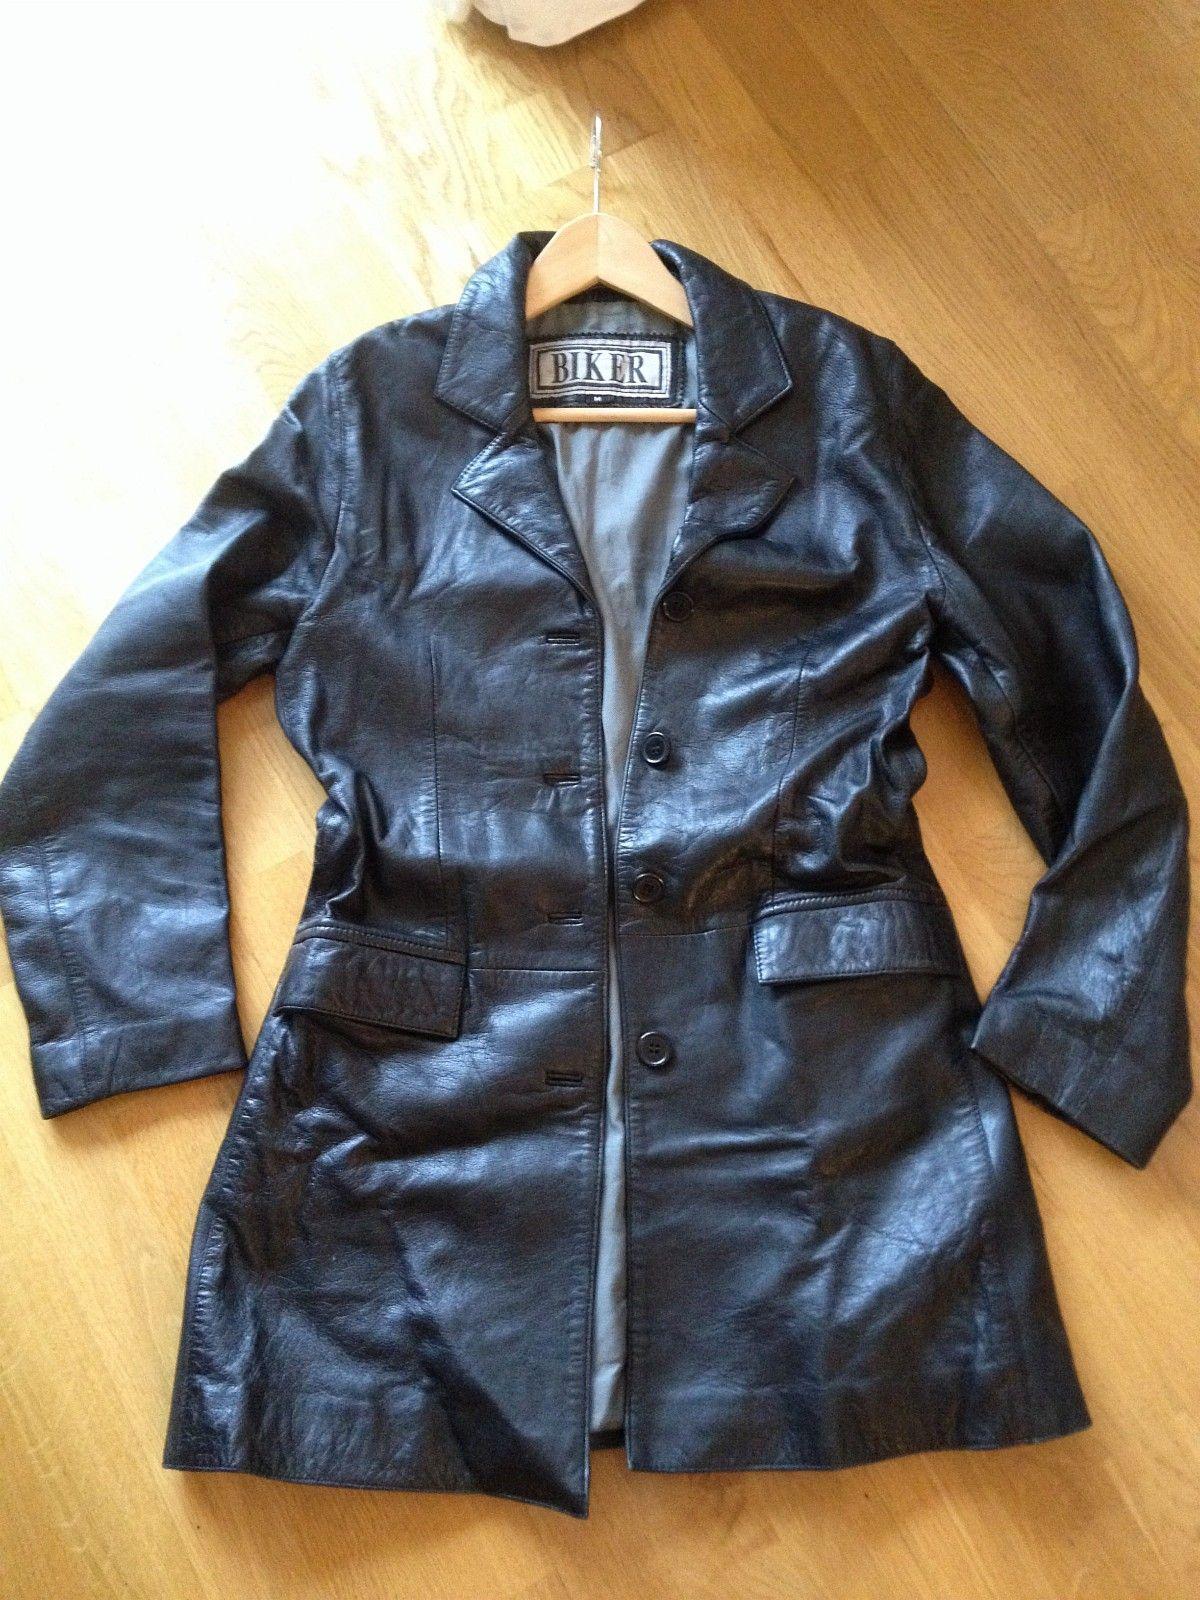 d8d692a2 Pent brukte jakker, og skinnjakker | FINN.no